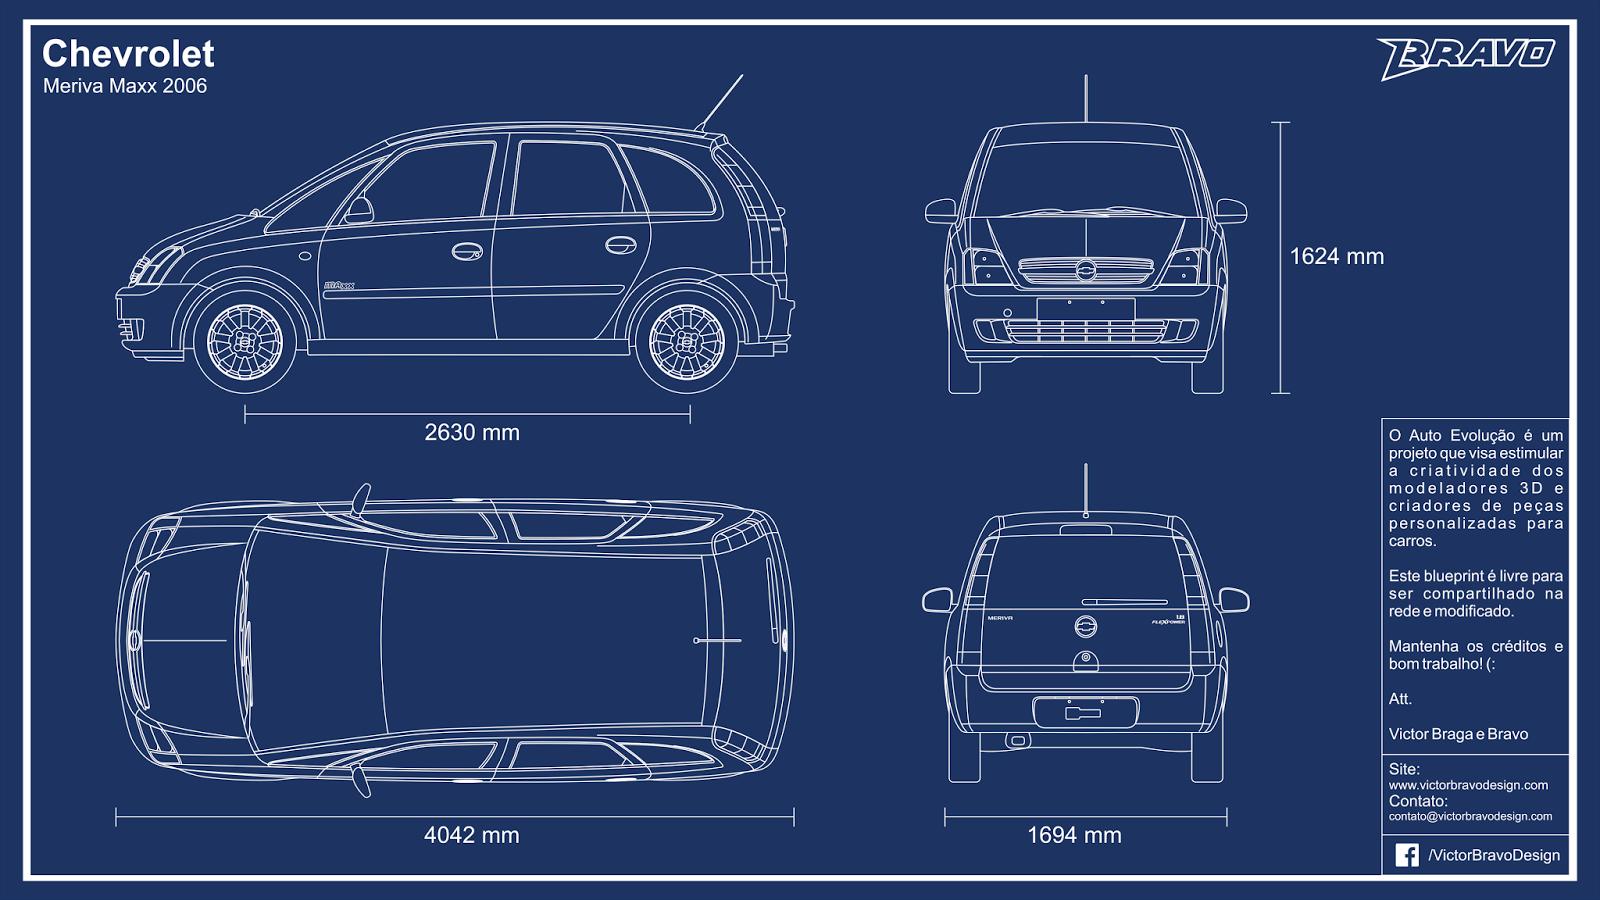 Imagem mostrando o desenho do blueprint Chevrolet Meriva Maxx 2006